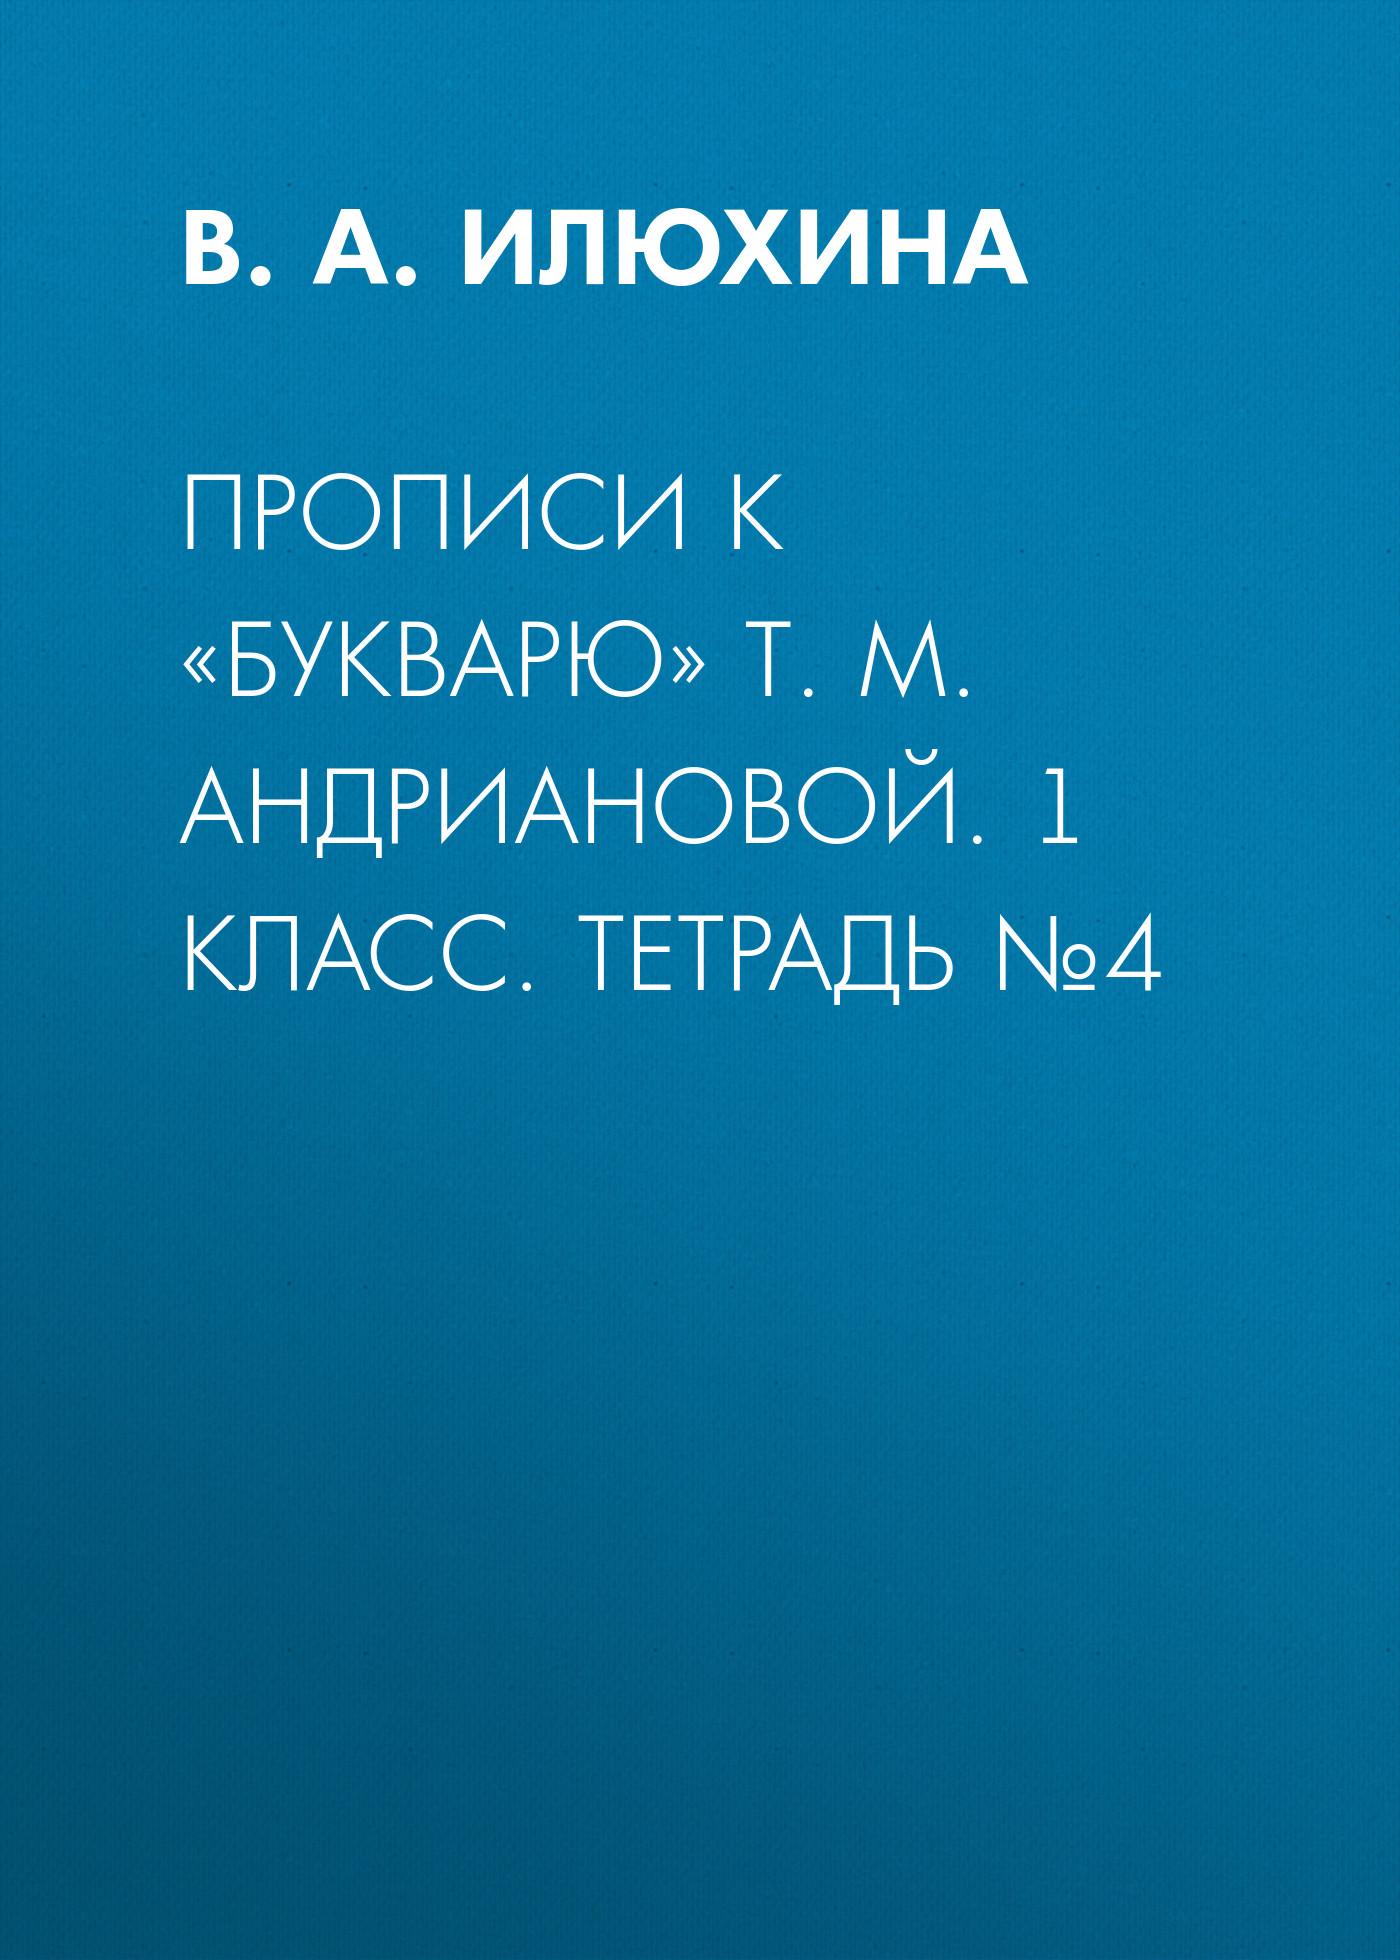 цена на В. А. Илюхина Прописи к «Букварю» Т. М. Андриановой. 1 класс. Тетрадь №4